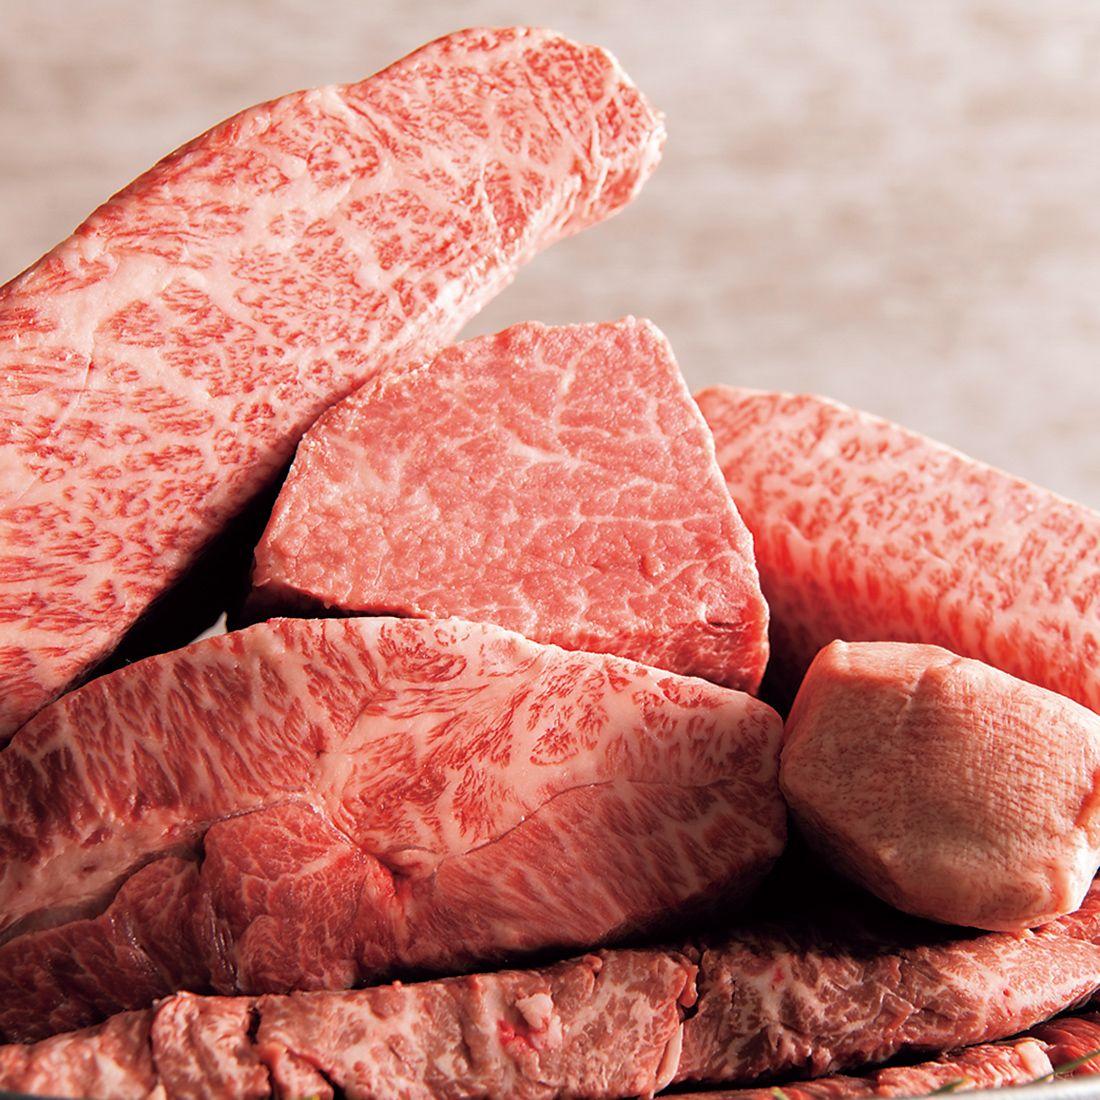 最初の肉見せではスタッフから産地や銘柄、月齢などの説明が。